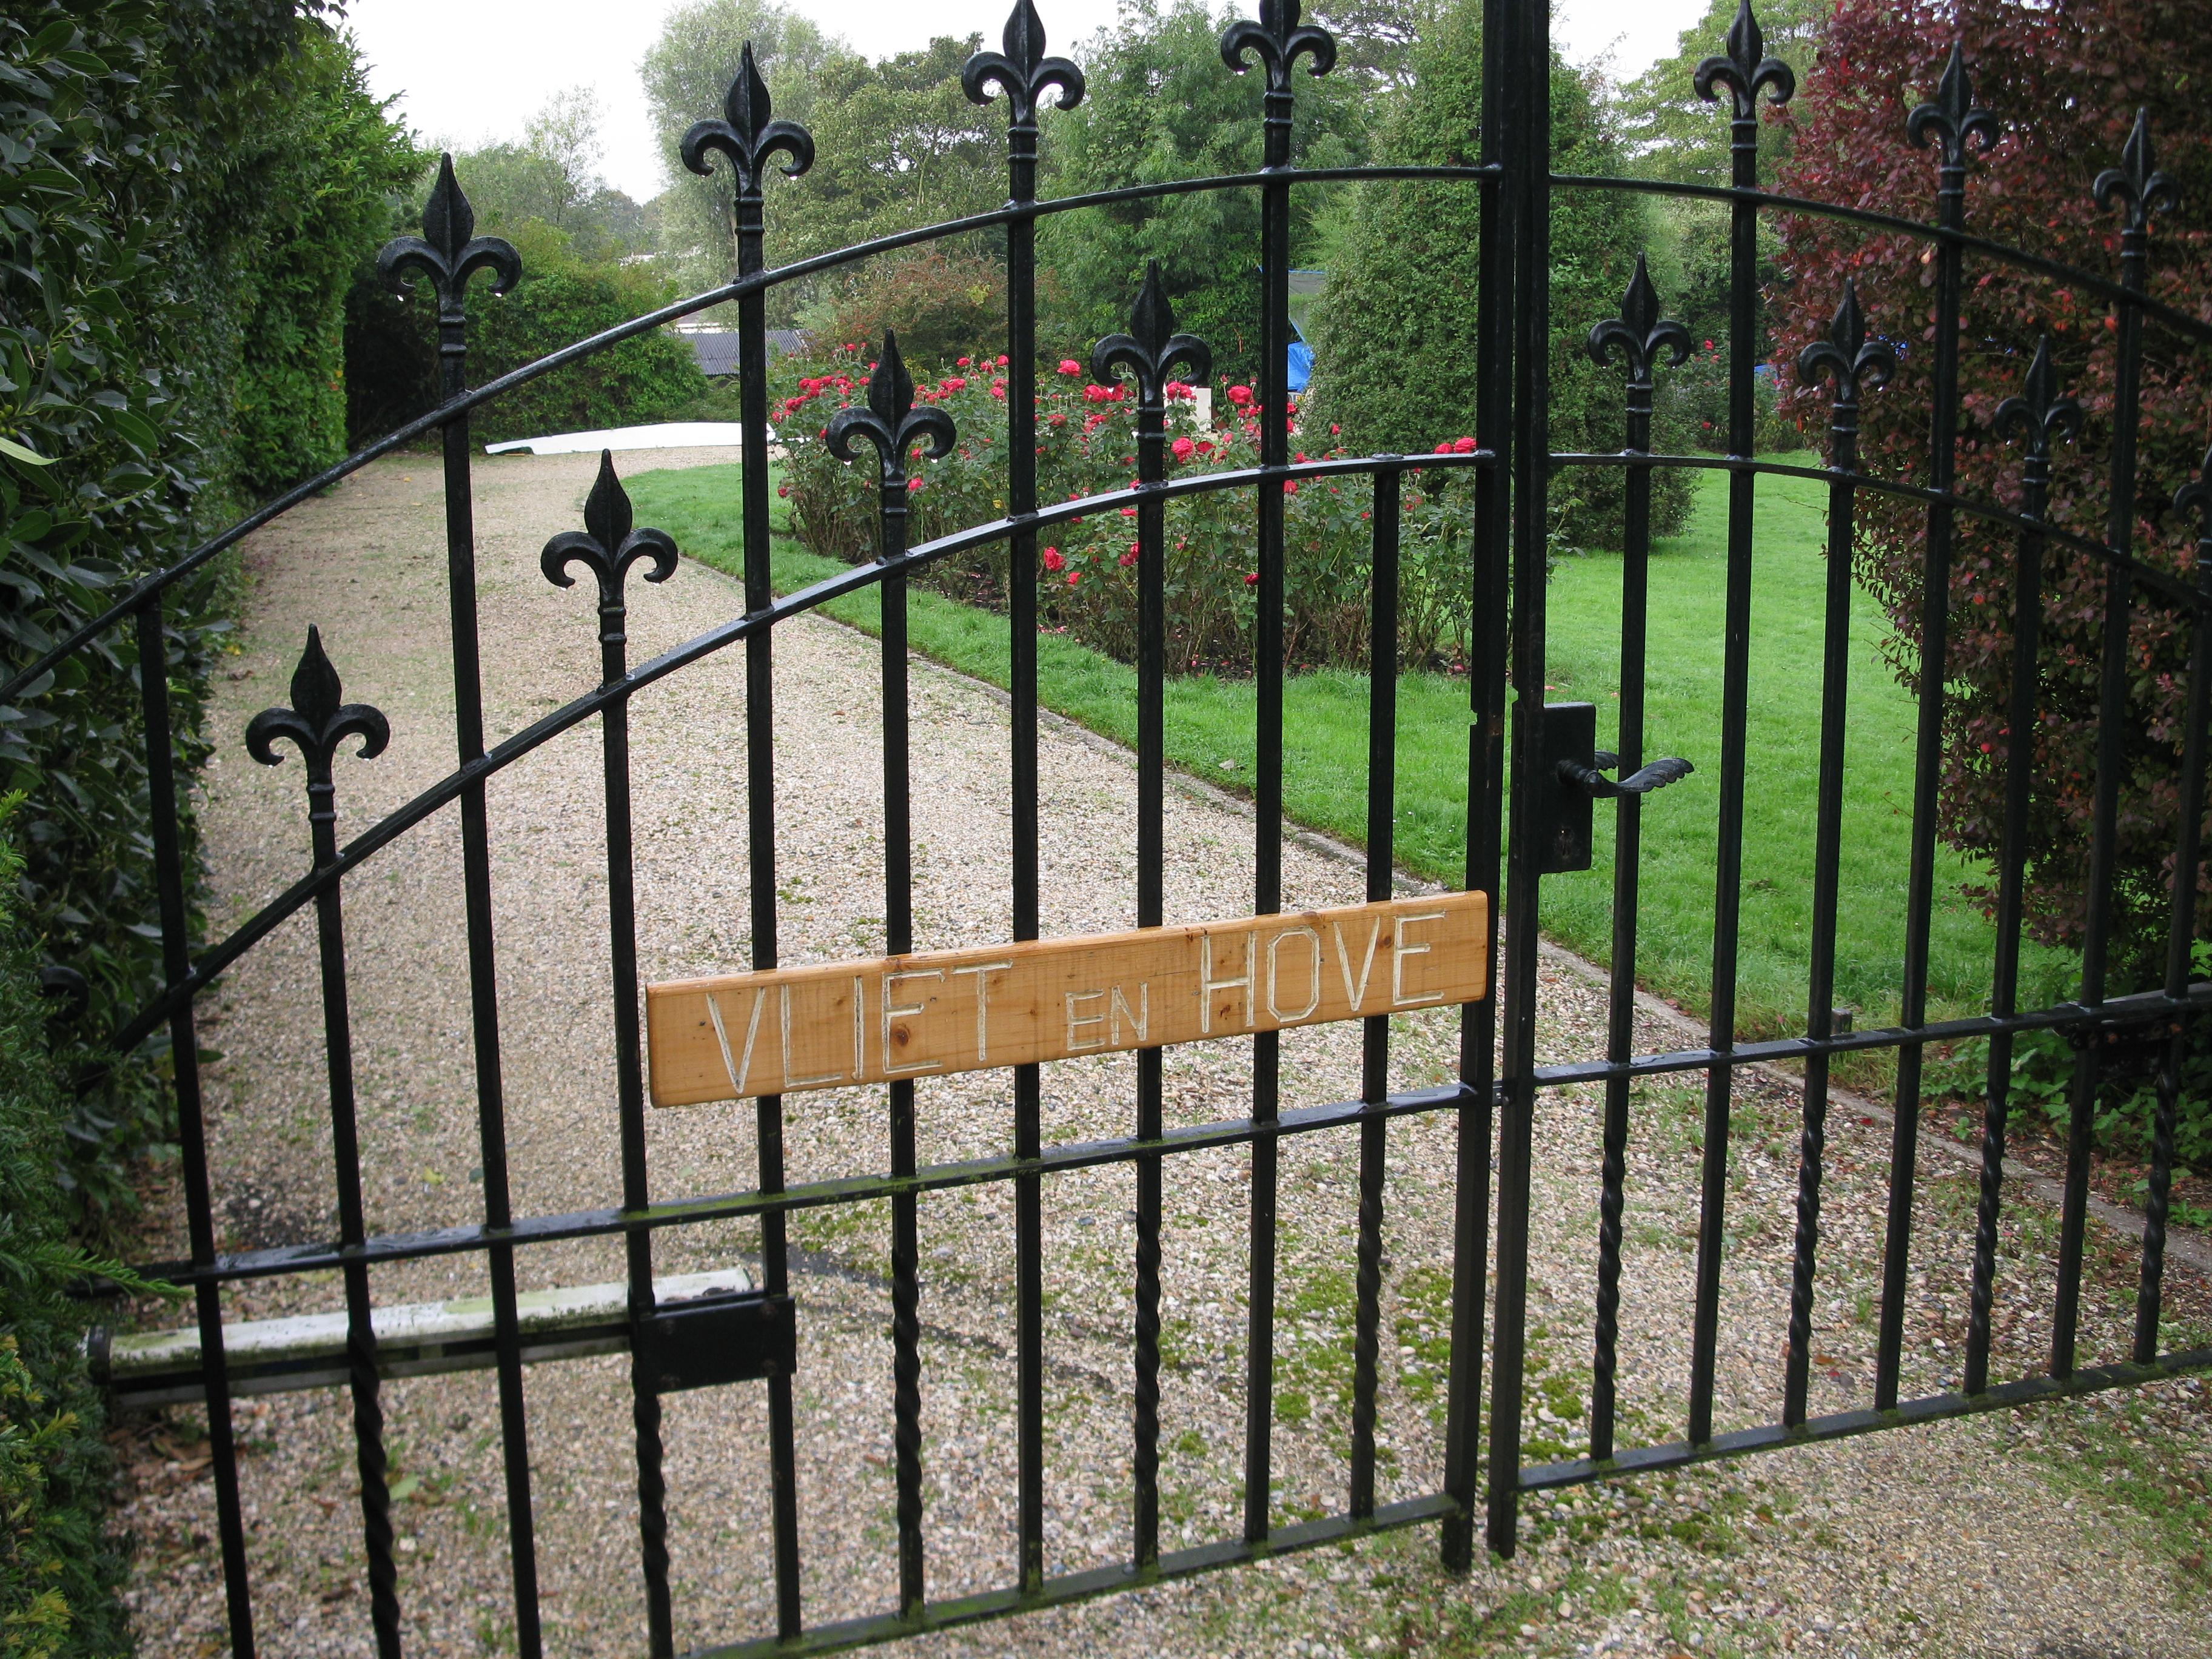 Goedkoop Hekwerk Tuin : Tuin hek best tuinhek van metaal ben jij op zoek naar een hekwerk